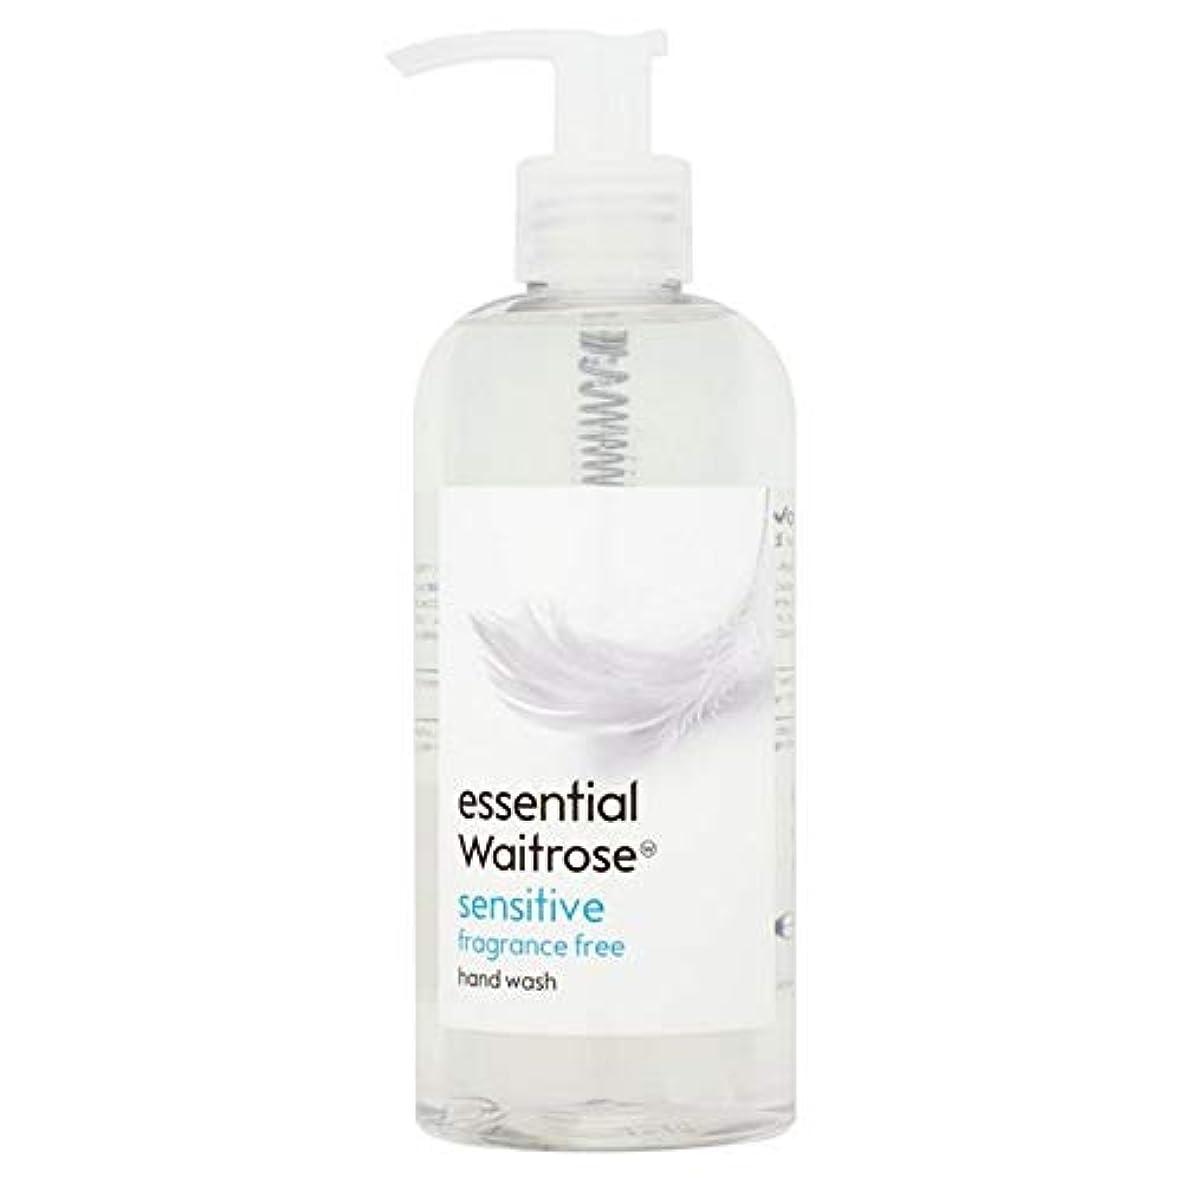 一時的ホイッスルスリム[Waitrose ] 基本的なウェイトローズのハンドウォッシュ敏感な300ミリリットル - Essential Waitrose Hand Wash Sensitive 300ml [並行輸入品]